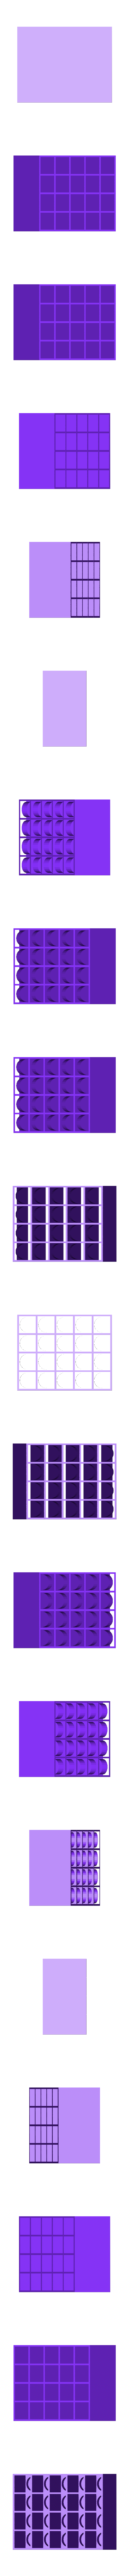 Marker-Rack-Prismacolor-20-Square.stl Télécharger fichier STL gratuit Porte-repères Prismacolor • Objet imprimable en 3D, Reneton